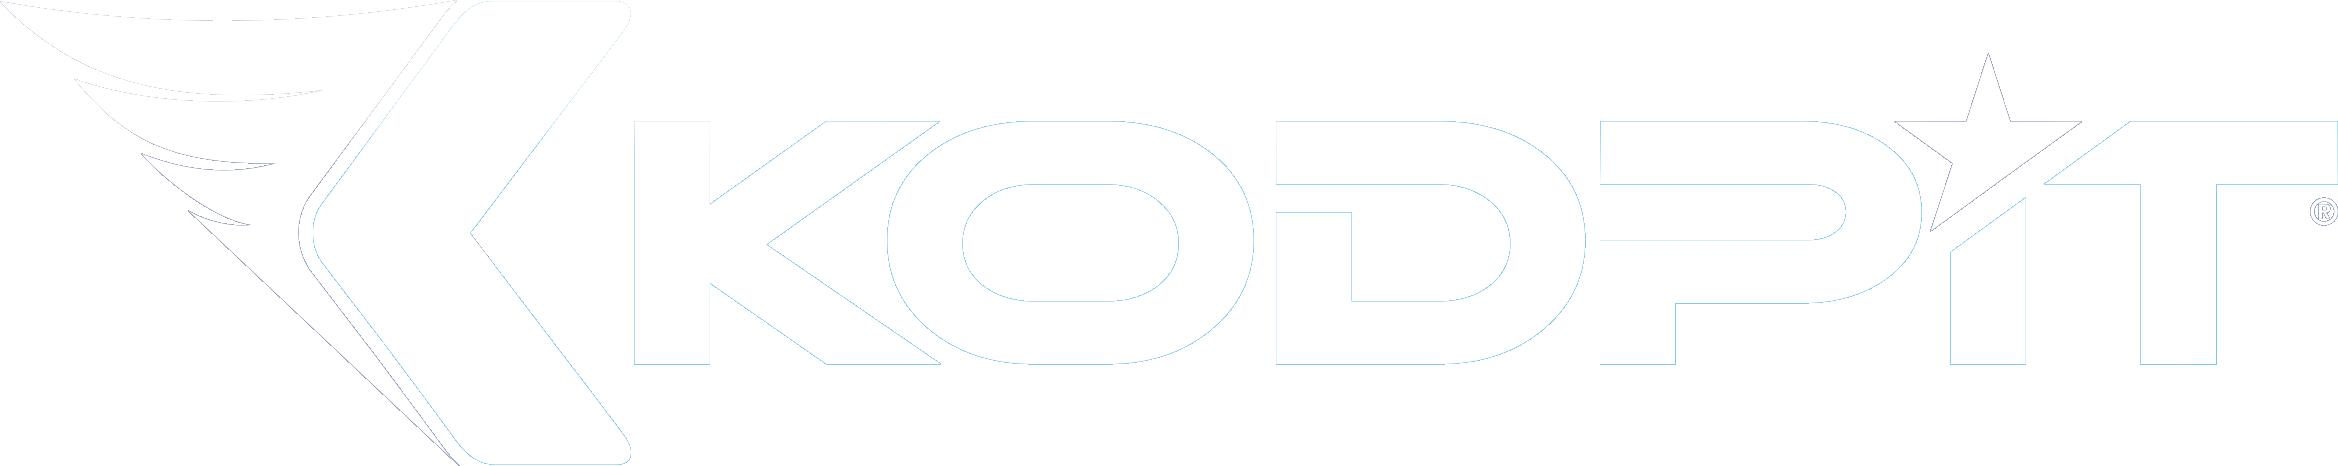 Kodpit Teknoloji A.Ş. - Yazılım, Mekatronik ve Bilgi Güvenliği Teknolojilerinde Yerli Çözümler